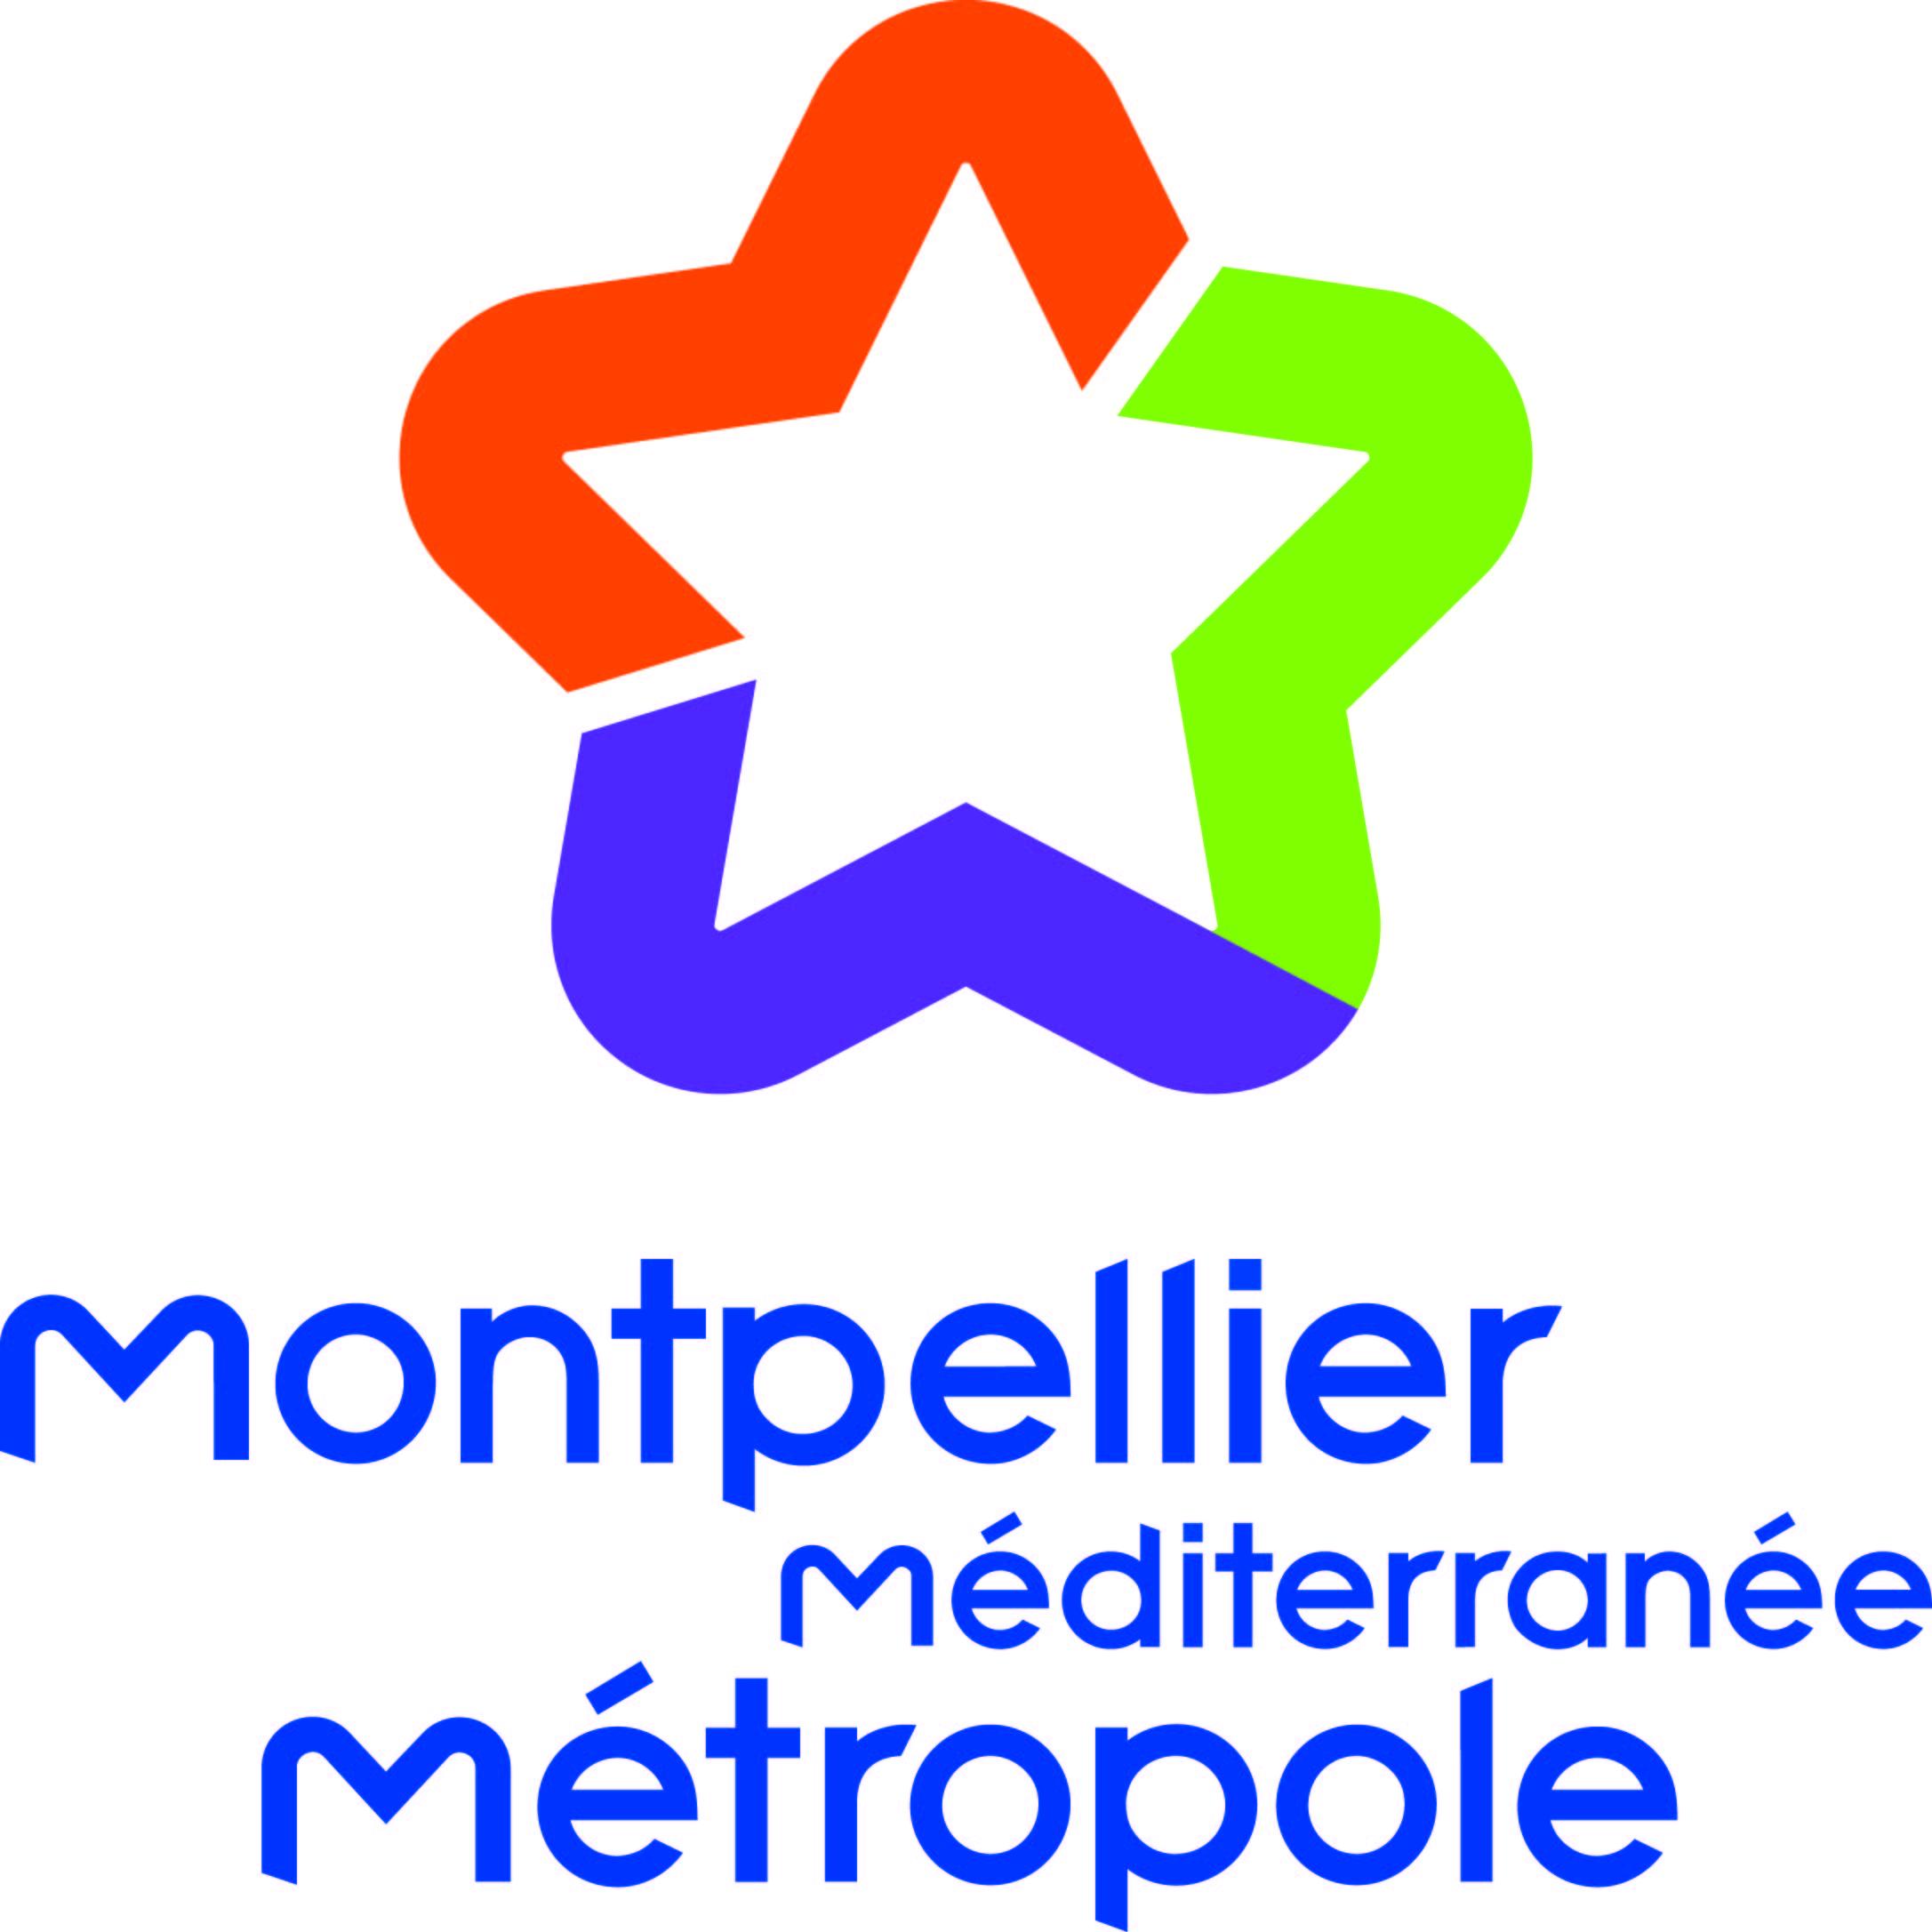 Montpellier Méditérranée Metropole membre de Coodio